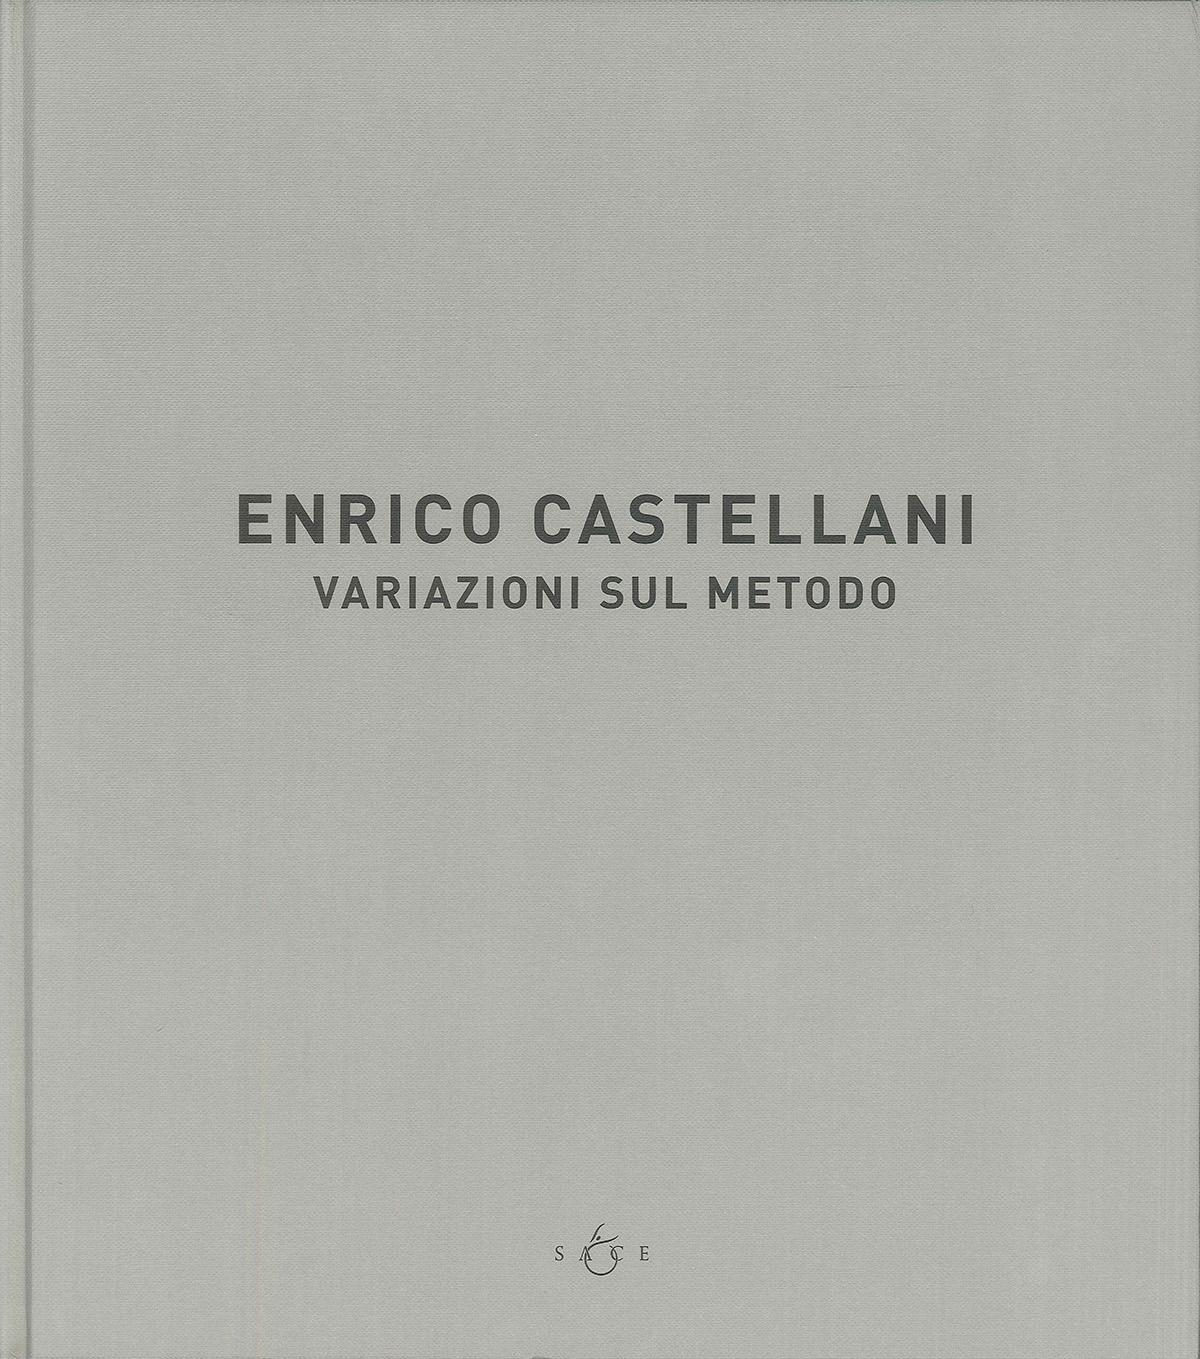 Copertina - Enrico Castellani. Variazioni sul metodo, Bruno Corà, 2005/2006, Museo Pushkin delle Belle Arti, Mosca (RUS)